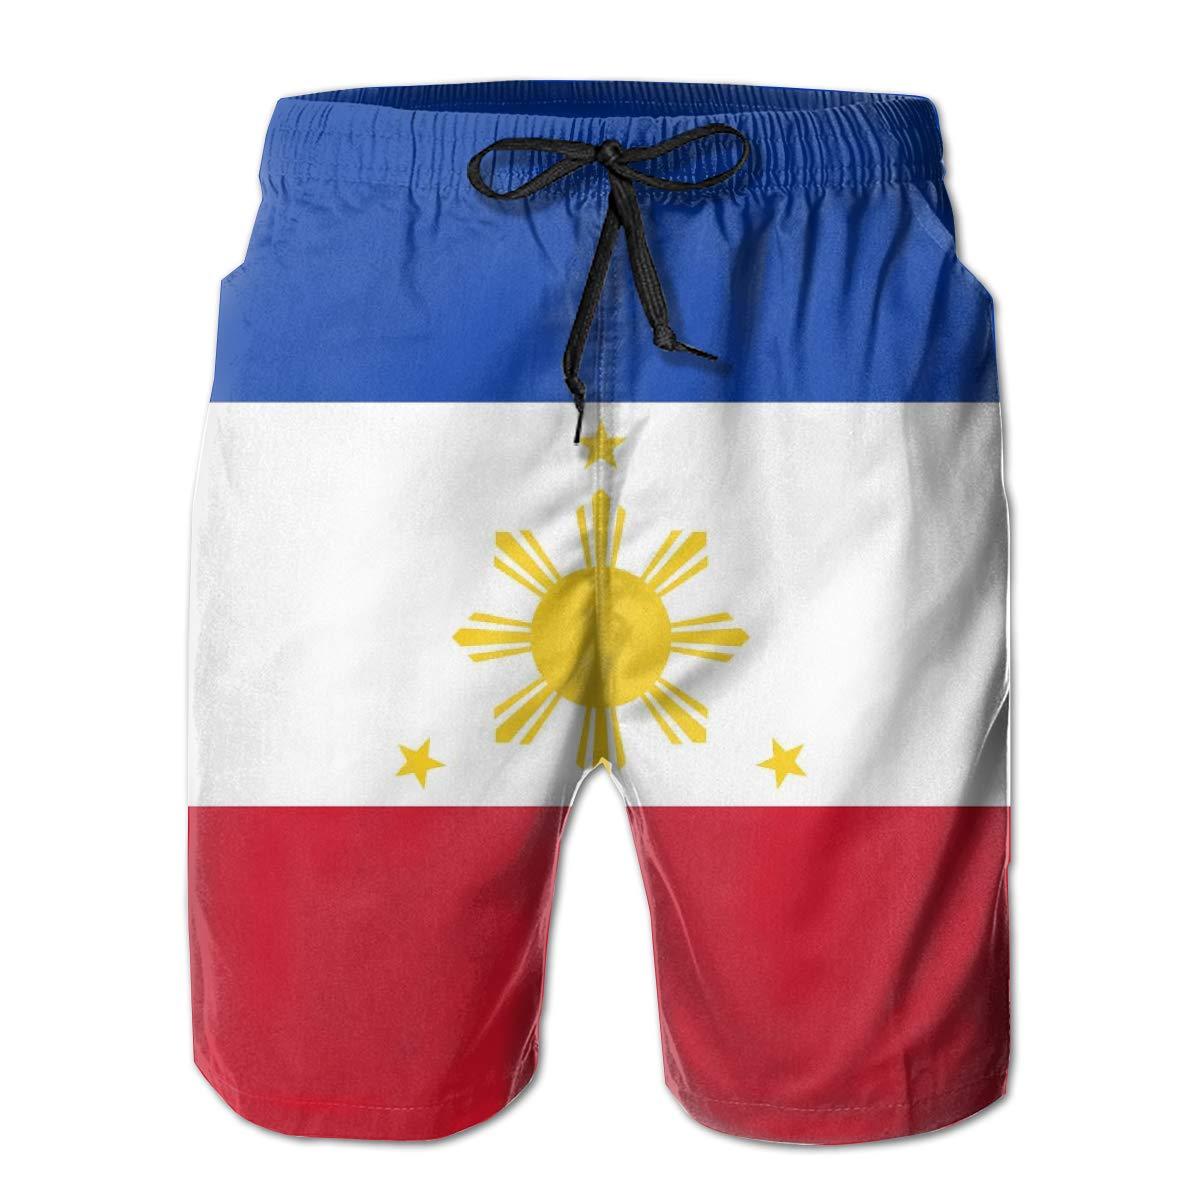 FRS Ltd A Tricolour Flag Mens Quick Dry Beach Board Elastic Waist Shorts